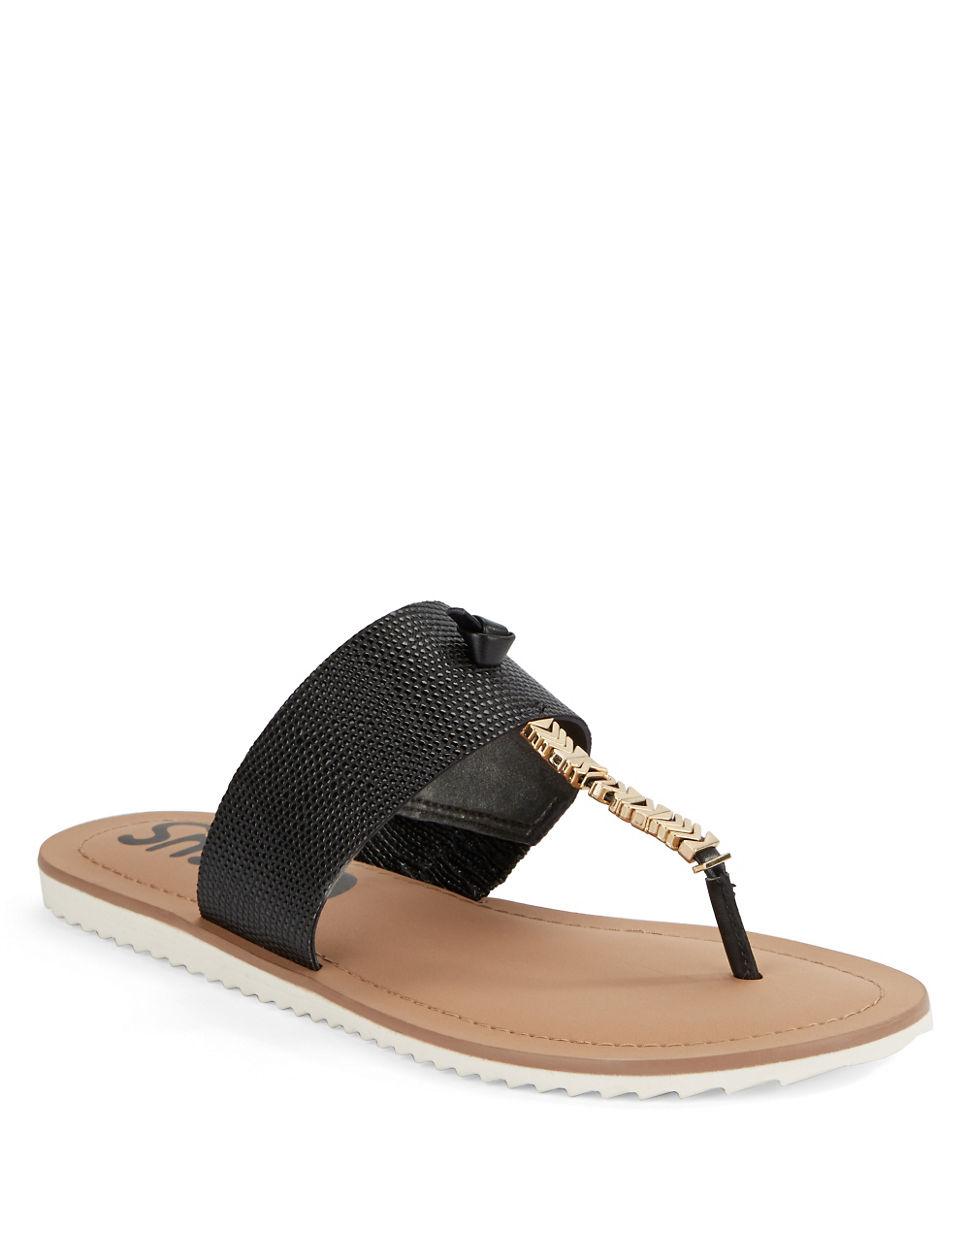 Saxon Shoes Black Friday Sale